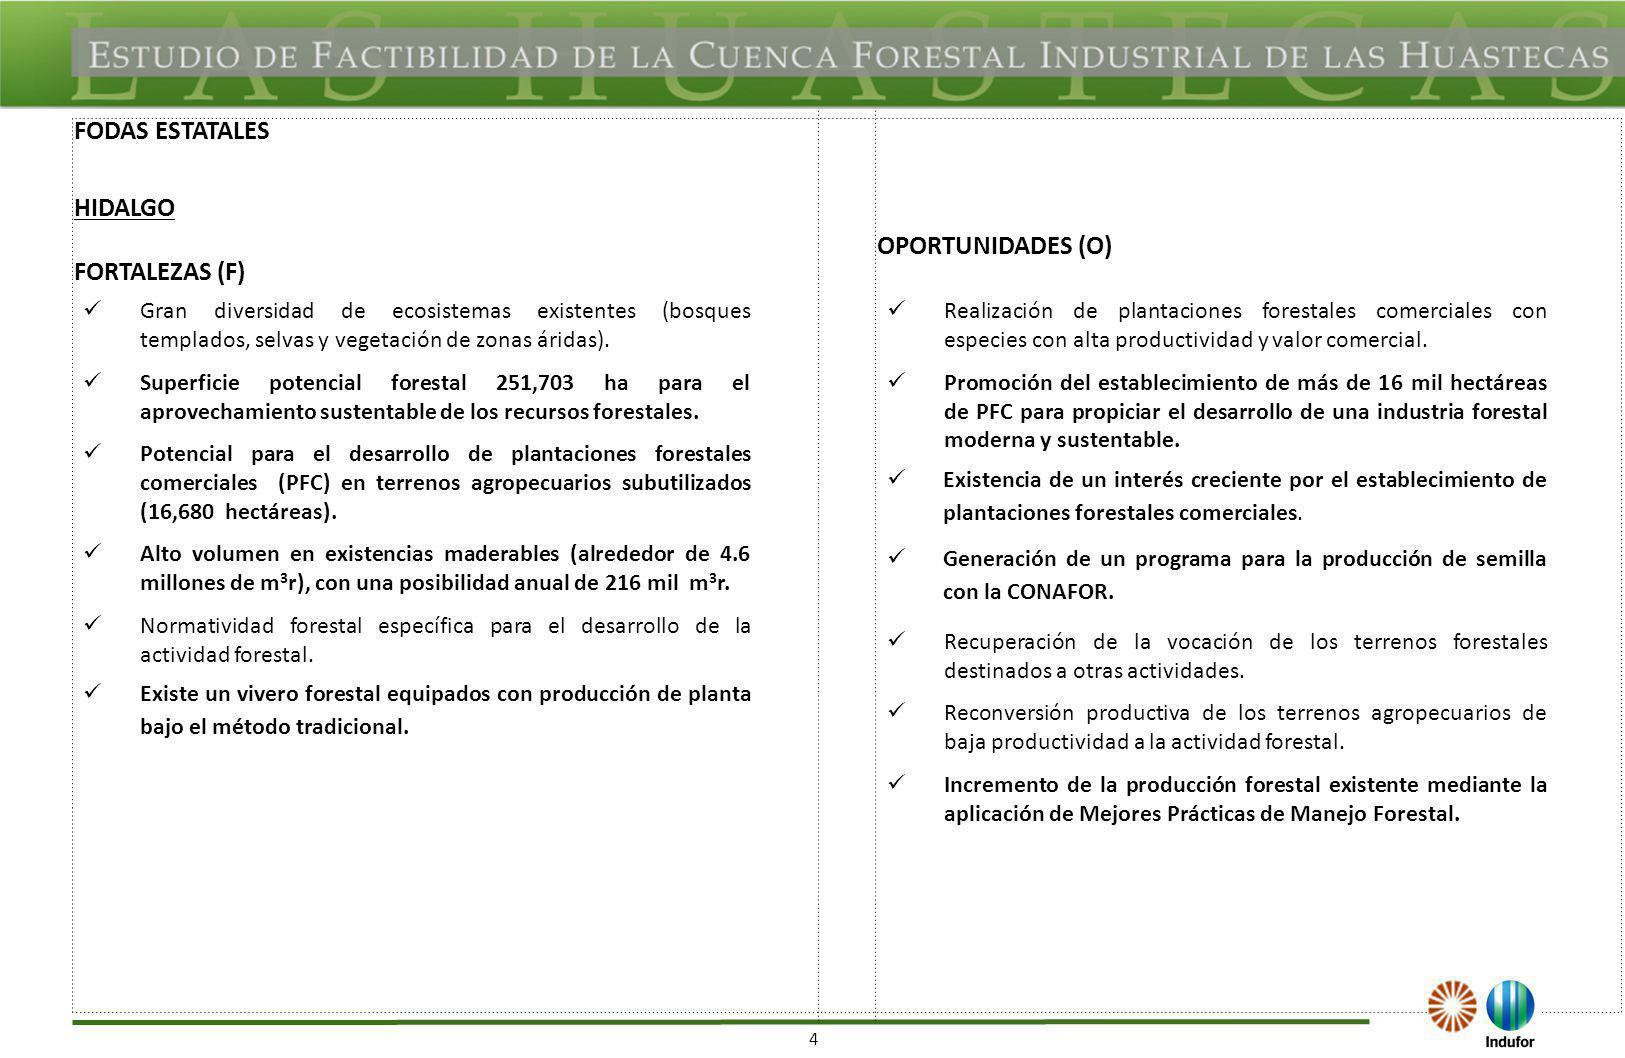 55 TAMAULIPAS Cobertura de uso de suelo y vegetación USO DE SUELO Y VEGETACION AREA (HA)% AGRICULTURA DE RIEGO (INCLUYE RIEGO EVENTUAL)241,810.208.00 AGRICULTURA DE TEMPORAL CON CULTIVOS ANUALES504,074.3516.67 AGRICULTURA DE TEMPORAL CON CULTIVOS PERMANENTES Y SEMIPERMANENTES24,740.510.82 AREA SIN VEGETACION APARENTE4,682.100.15 ASENTAMIENTO HUMANO20,050.680.66 BOSQUE DE ENCINO107,924.263.57 BOSQUE DE ENCINO CON VEGETACION SECUNDARIA5,551.590.18 BOSQUE DE PINO-ENCINO (INCLUYE ENCINO-PINO)26,444.560.87 BOSQUE DE PINO-ENCINO (INCLUYE ENCINO-PINO) CON VEGETACION SECUNDARIA347.620.01 BOSQUE MESOFILO DE MONTAA16,807.500.56 CHAPARRAL4.620.00 CUERPO DE AGUA86,424.862.86 MANGLAR3,490.950.12 MATORRAL DESERTICO MICROFILO65,225.512.16 MATORRAL DESERTICO MICROFILO CON VEGETACION SECUNDARIA5,805.510.19 MATORRAL DESERTICO ROSETOFILO7,180.360.24 MATORRAL ESPINOSO TAMAULIPECO105,613.583.49 MATORRAL ESPINOSO TAMAULIPECO CON VEGETACION SECUNDARIA63,245.312.09 MATORRAL SUBMONTANO114,518.133.79 MATORRAL SUBMONTANO CON VEGETACION SECUNDARIA49,859.011.65 MEZQUITAL (INCLUYE HUIZACHAL)32,241.181.07 MEZQUITAL (INCLUYE HUIZACHAL) CON VEGETACION SECUNDARIA3,443.410.11 PALMAR2,811.300.09 PASTIZAL CULTIVADO786,244.6726.00 PASTIZAL INDUCIDO28,819.750.95 PASTIZAL NATURAL (INCLUYE PASTIZAL-HUIZACHAL)16,297.010.54 POPAL-TULAR12,761.950.42 RIEGO SUSPENDIDO2,499.380.08 USO DE SUELO Y VEGETACIONAREA (HA)% SELVA ALTA Y MEDIANA SUBPERENNIFOLIA1,424.810.05 SELVA BAJA CADUCIFOLIA Y SUBCADUCIFOLIA394,125.3613.03 SELVA BAJA CADUCIFOLIA Y SUBCADUCIFOLIA CON VEGETACION SECUNDARIA179,683.155.94 SELVA BAJA ESPINOSA34,028.681.13 SELVA BAJA ESPINOSA CON VEGETACION SECUNDARIA38,571.331.28 SELVA MEDIANA CADUCIFOLIA Y SUBCADUCIFOLIA7,229.830.24 SELVA MEDIANA CADUCIFOLIA Y SUBCADUCIFOLIA CON VEGETACION SECUNDARIA2,289.580.08 VEGETACION DE DUNAS COSTERAS1,904.780.06 VEGETACION DE GALERIA (INCLUYE BOSQUE, SELVA Y VEGETACION DE GALERIA)630.390.02 VEGETACION HALOFILA Y GIPSOFILA24,937.650.82 TOTAL GENERAL3,023,745.44100.